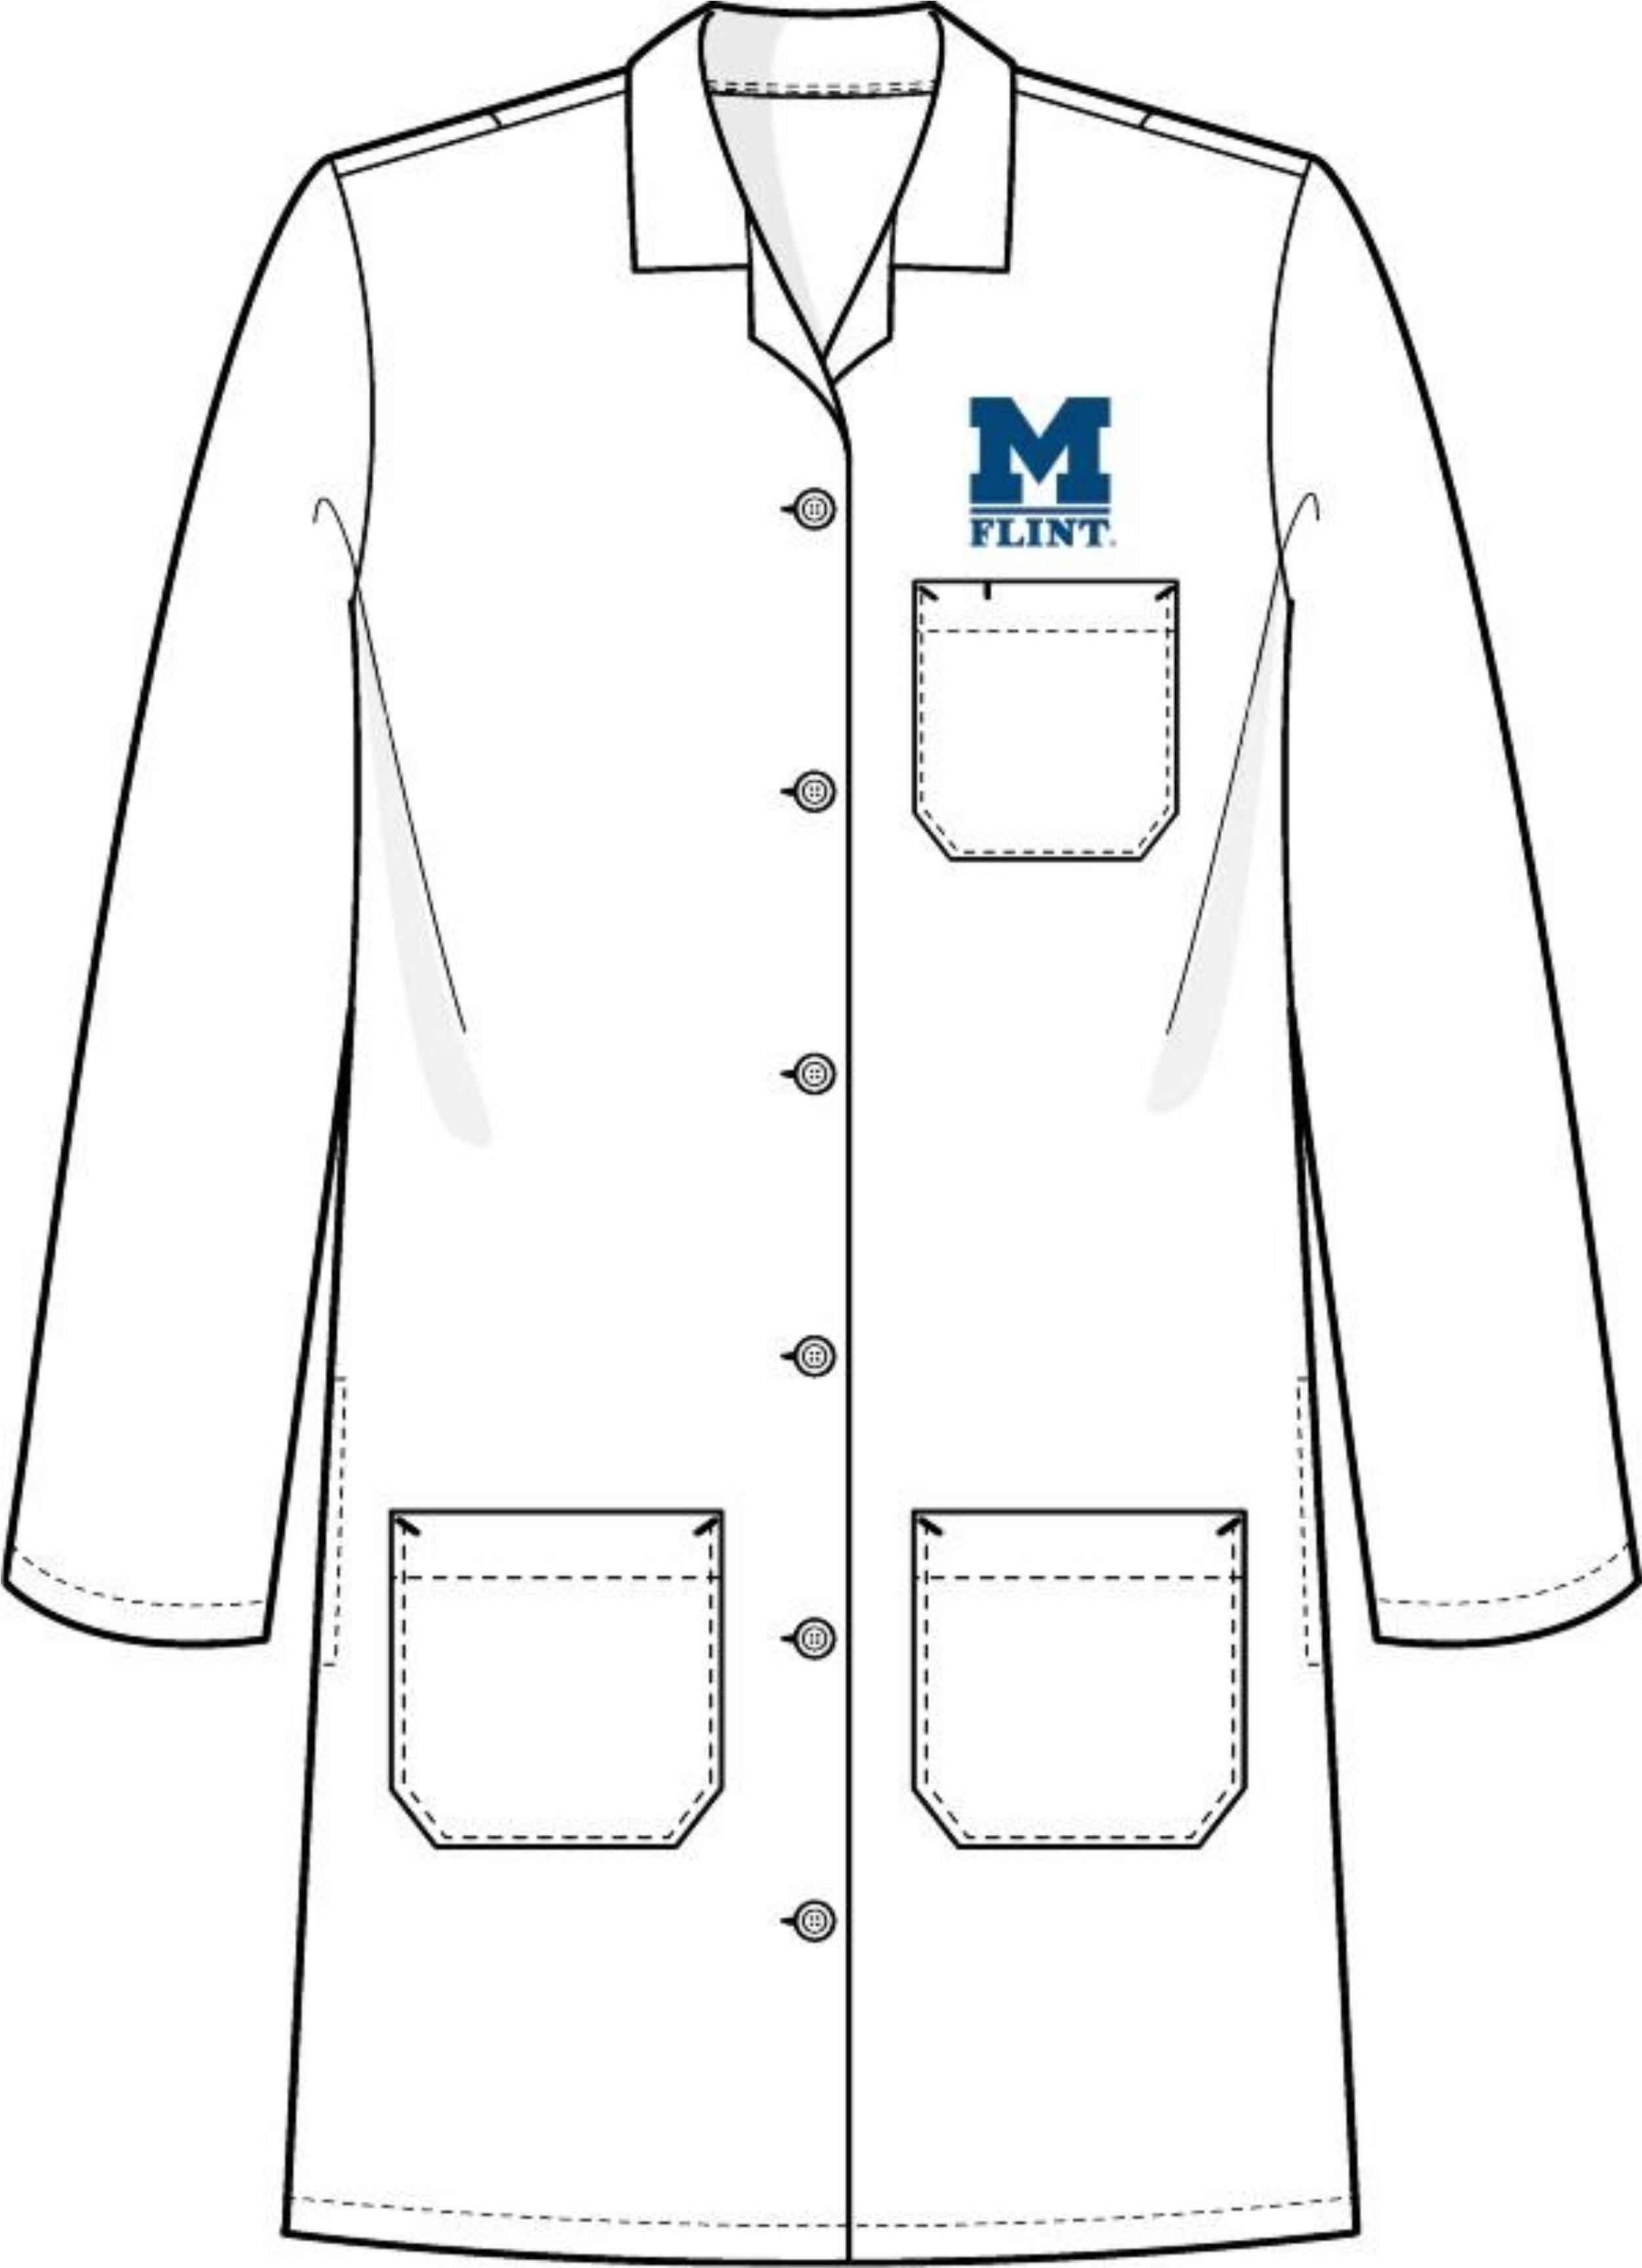 Lab coat clipart.